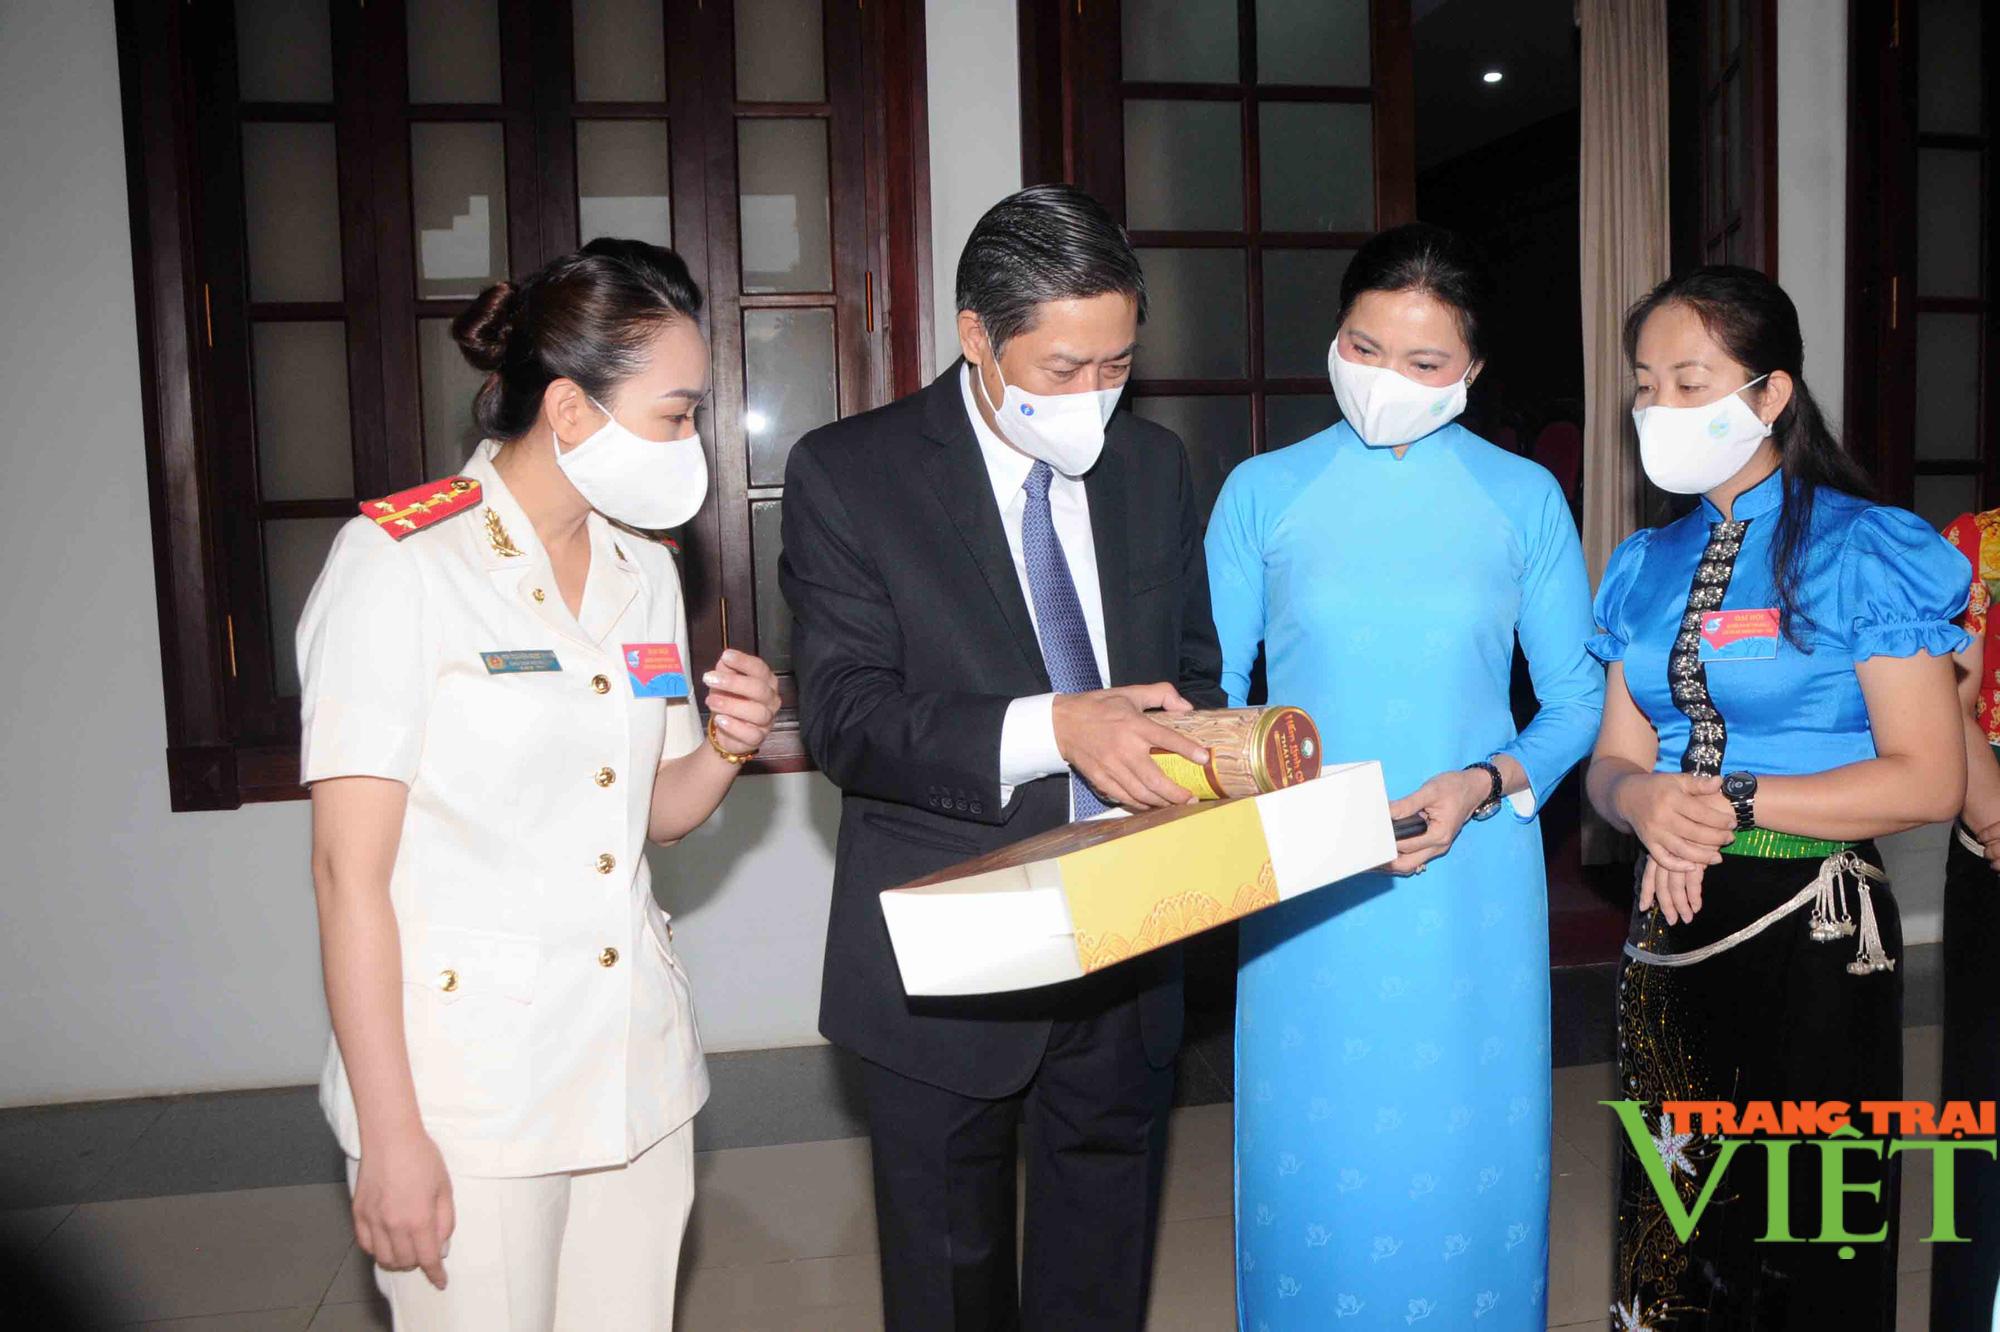 Hội Liên hiệp Phụ nữ tỉnh Sơn La: Giúp hơn 2.000 hộ nghèo thoát nghèo - Ảnh 2.